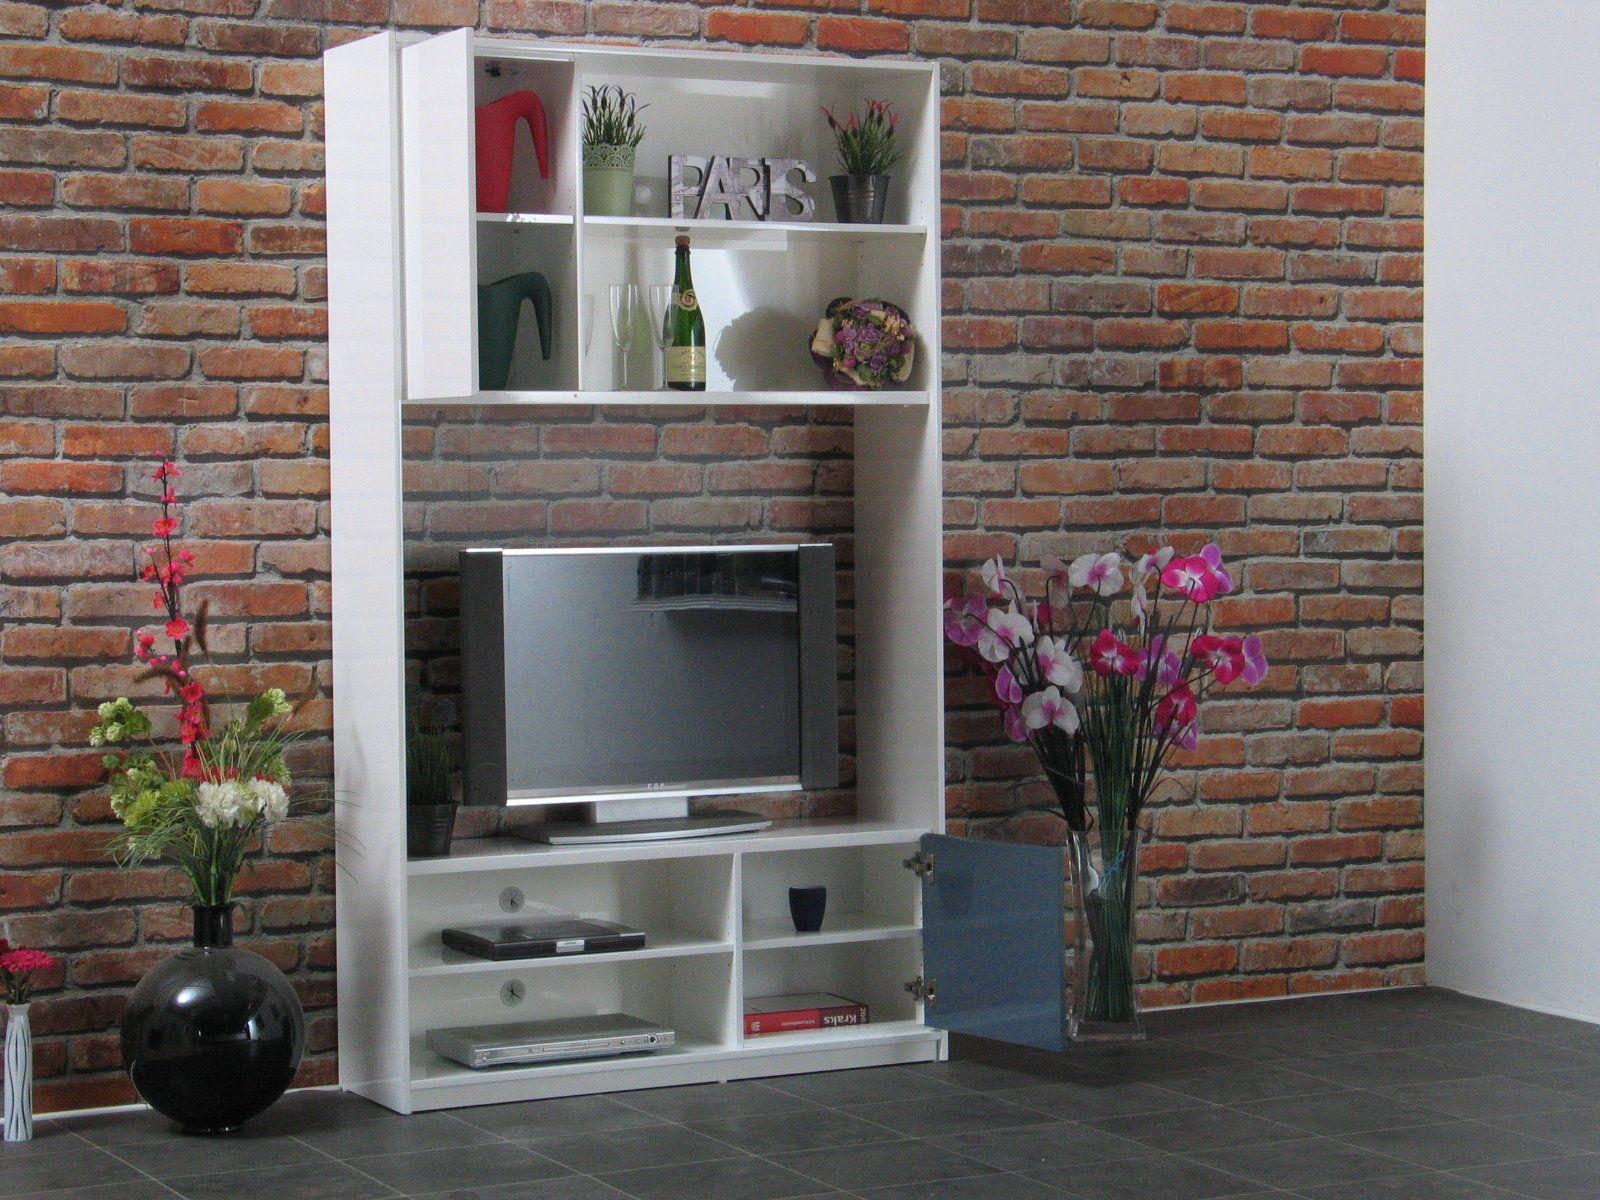 wohnwand uptown hochglanz grau weiss schrankwand regal tv hifi fernseher m bel ebay. Black Bedroom Furniture Sets. Home Design Ideas